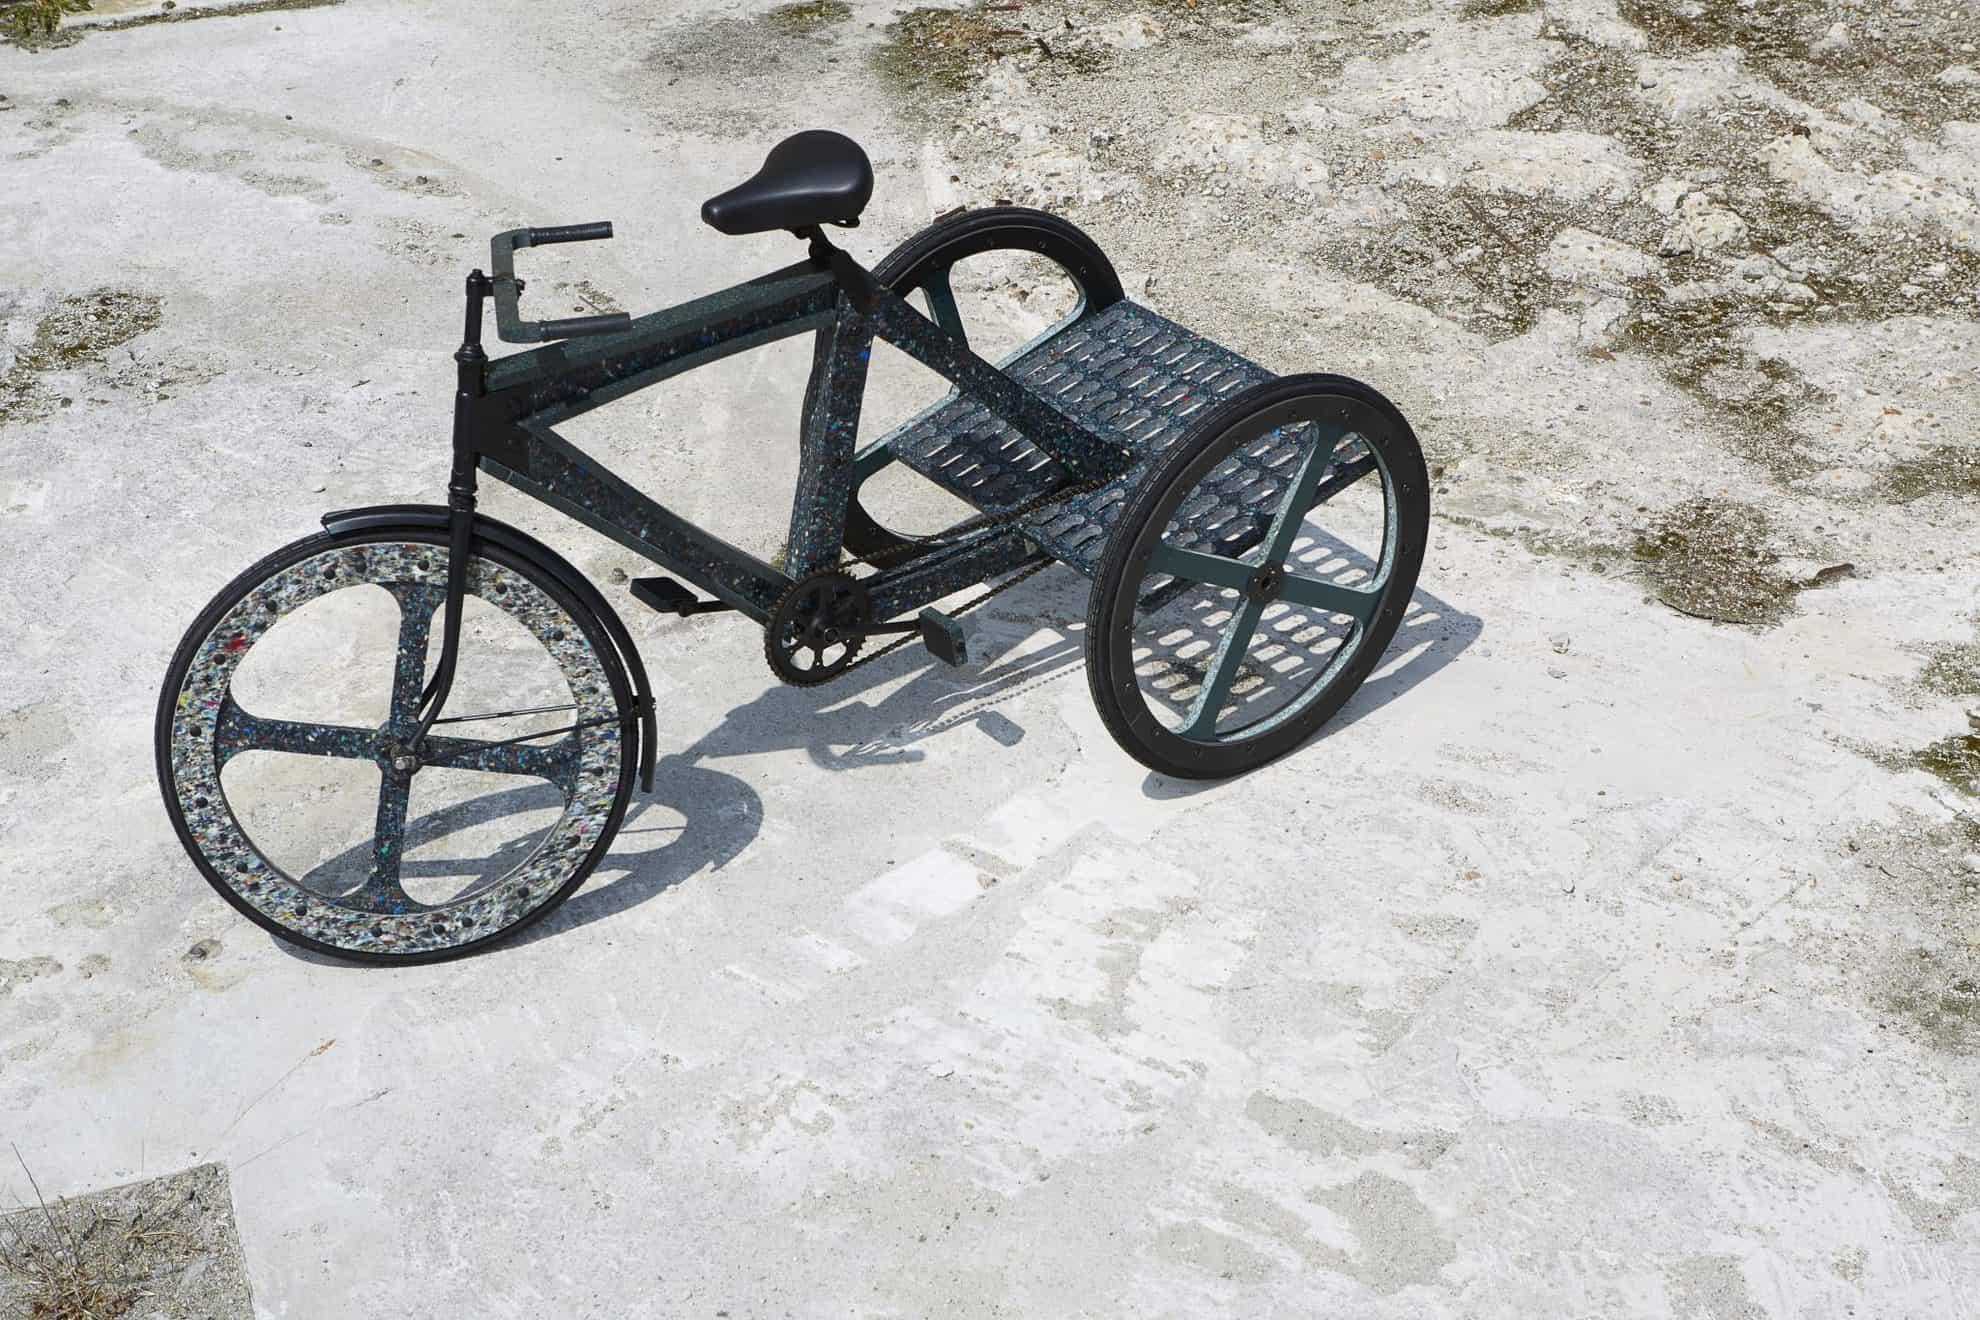 จักรยานสามล้อจากพลาสติกรีไซเคิล ต้นทุนต่ำ ผลิตได้เองด้วยอุปกรณ์ง่ายๆ